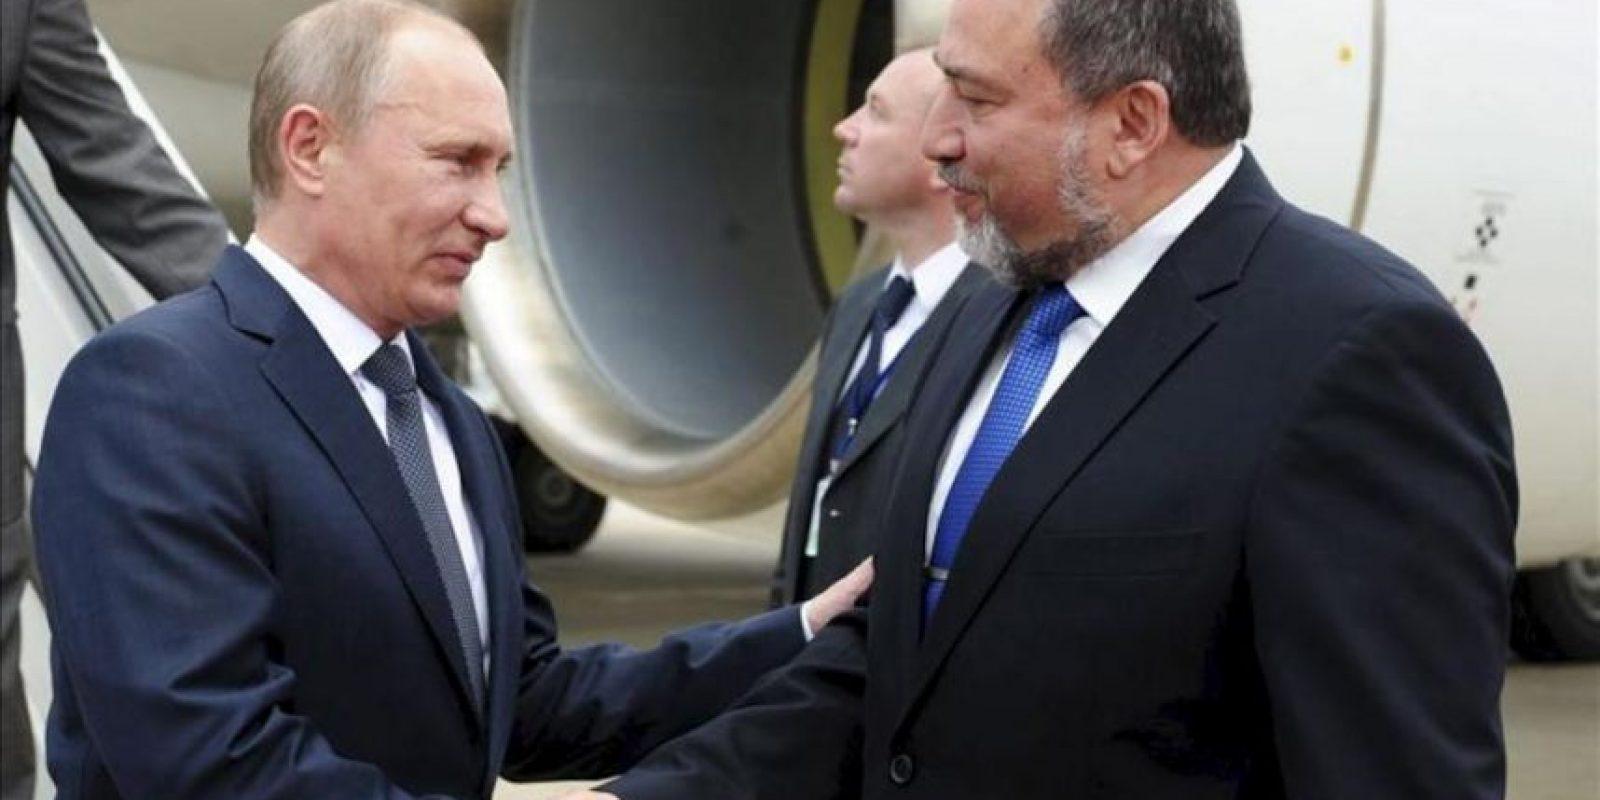 Imagen facilitada por el ministerio de Asuntos Exteriores israelí que muestra al presidente ruso, Vladimir Putin (i), y al ministro israelí de Exteriores, Avigdor Lieberman (der), a su llegada al aeropuerto de Ben Gurión, a las afueras de Tel Aviv, hoy lunes 25 de junio. EFE